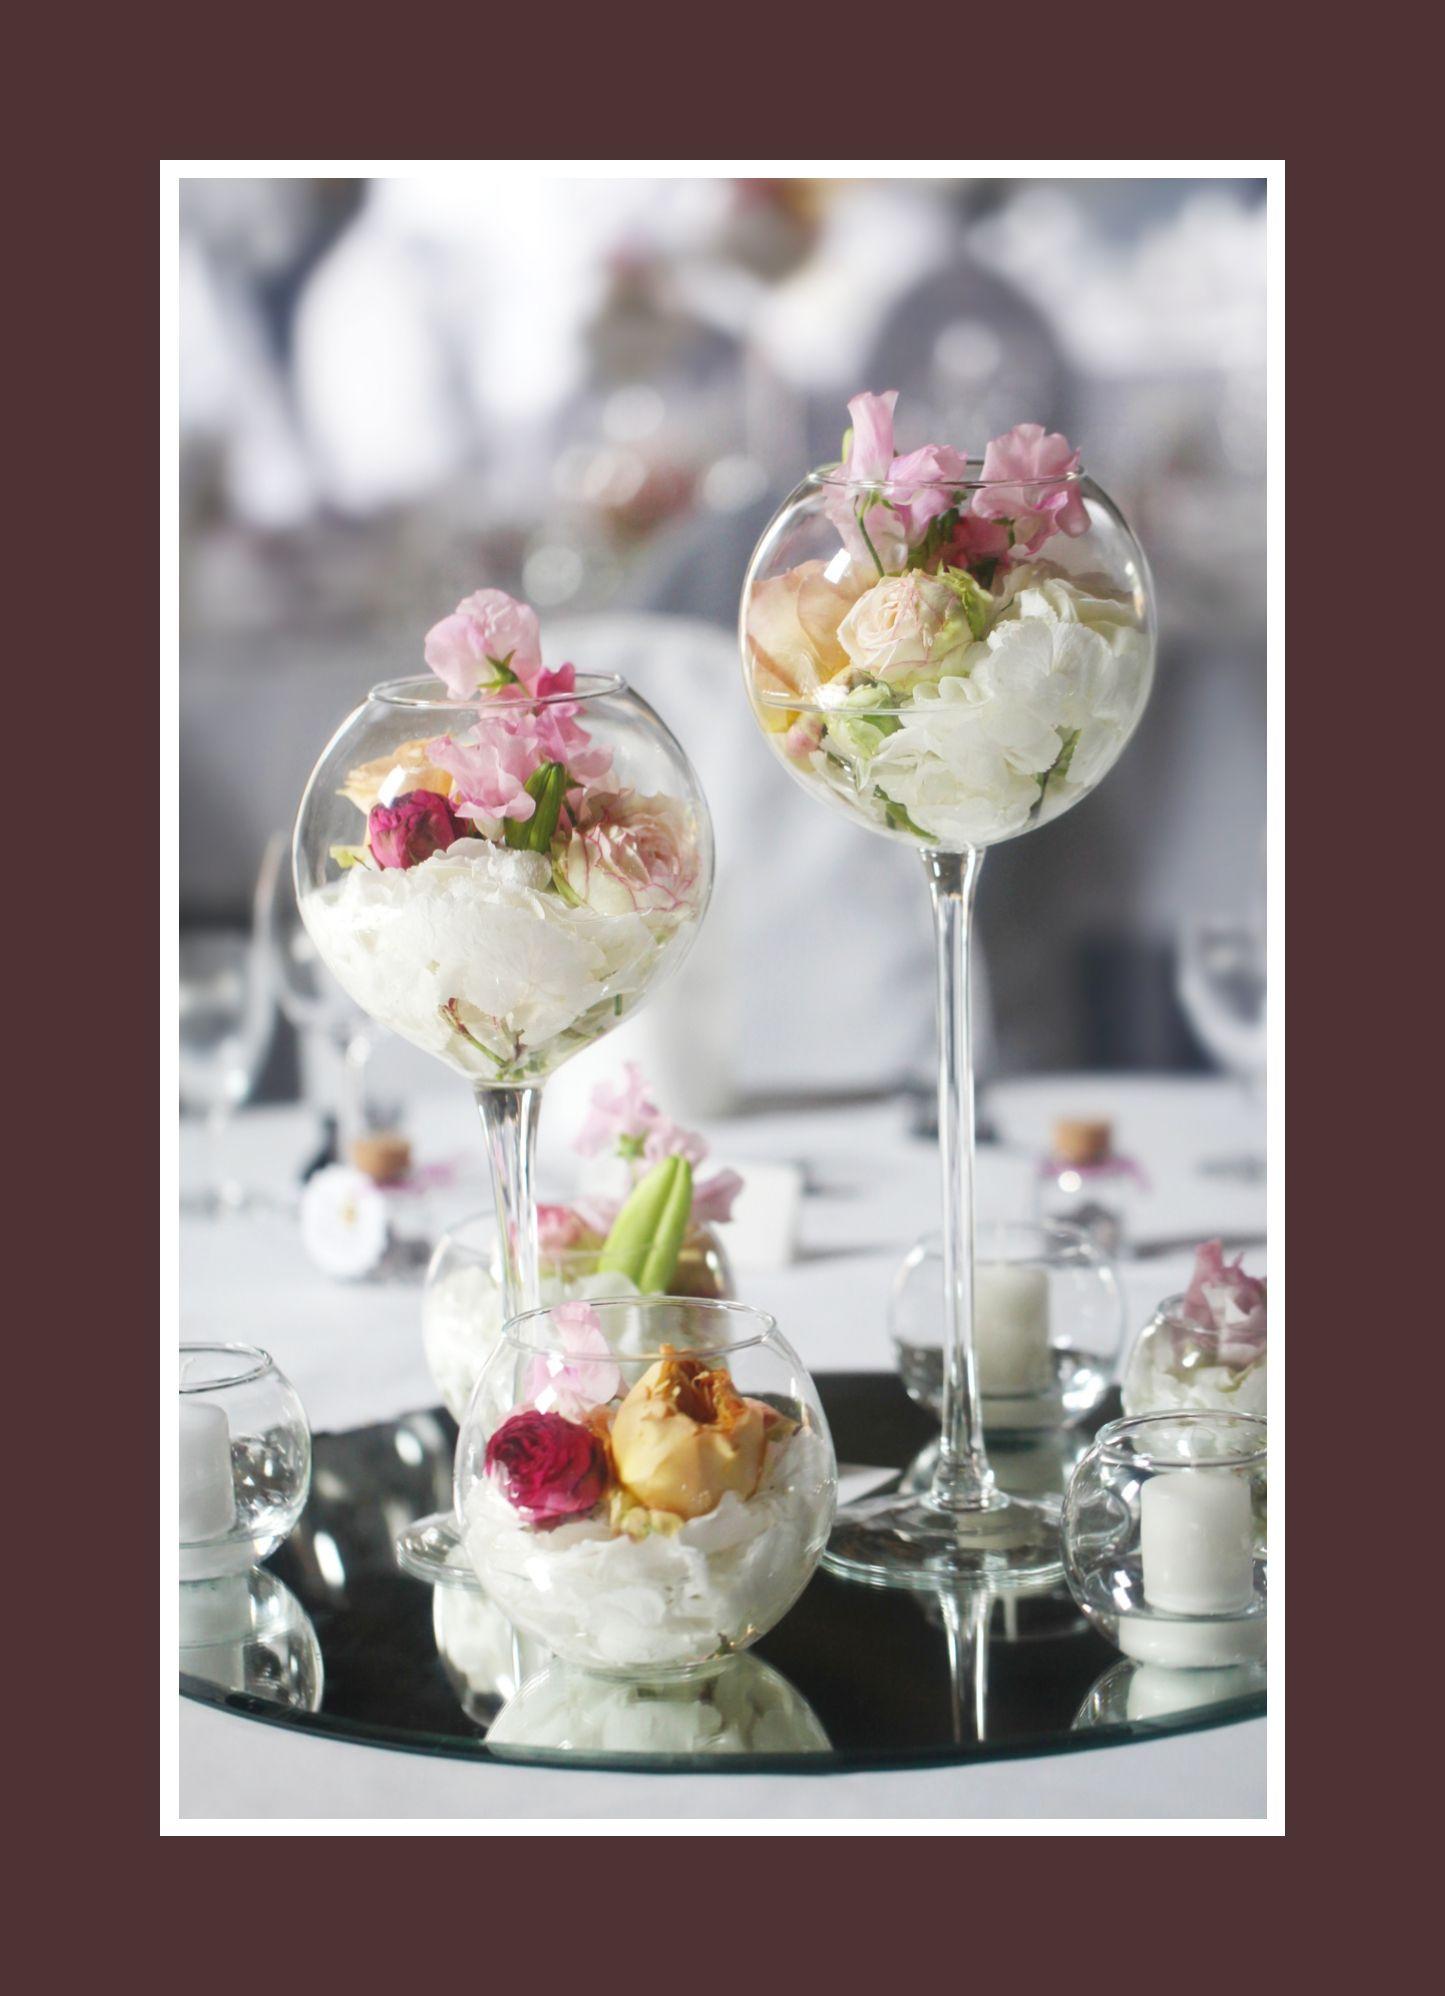 Perfekte Blumen Blumendeko und Blumenschmuck im Glas Hochzeit Taufe Kommunion Konfirmation